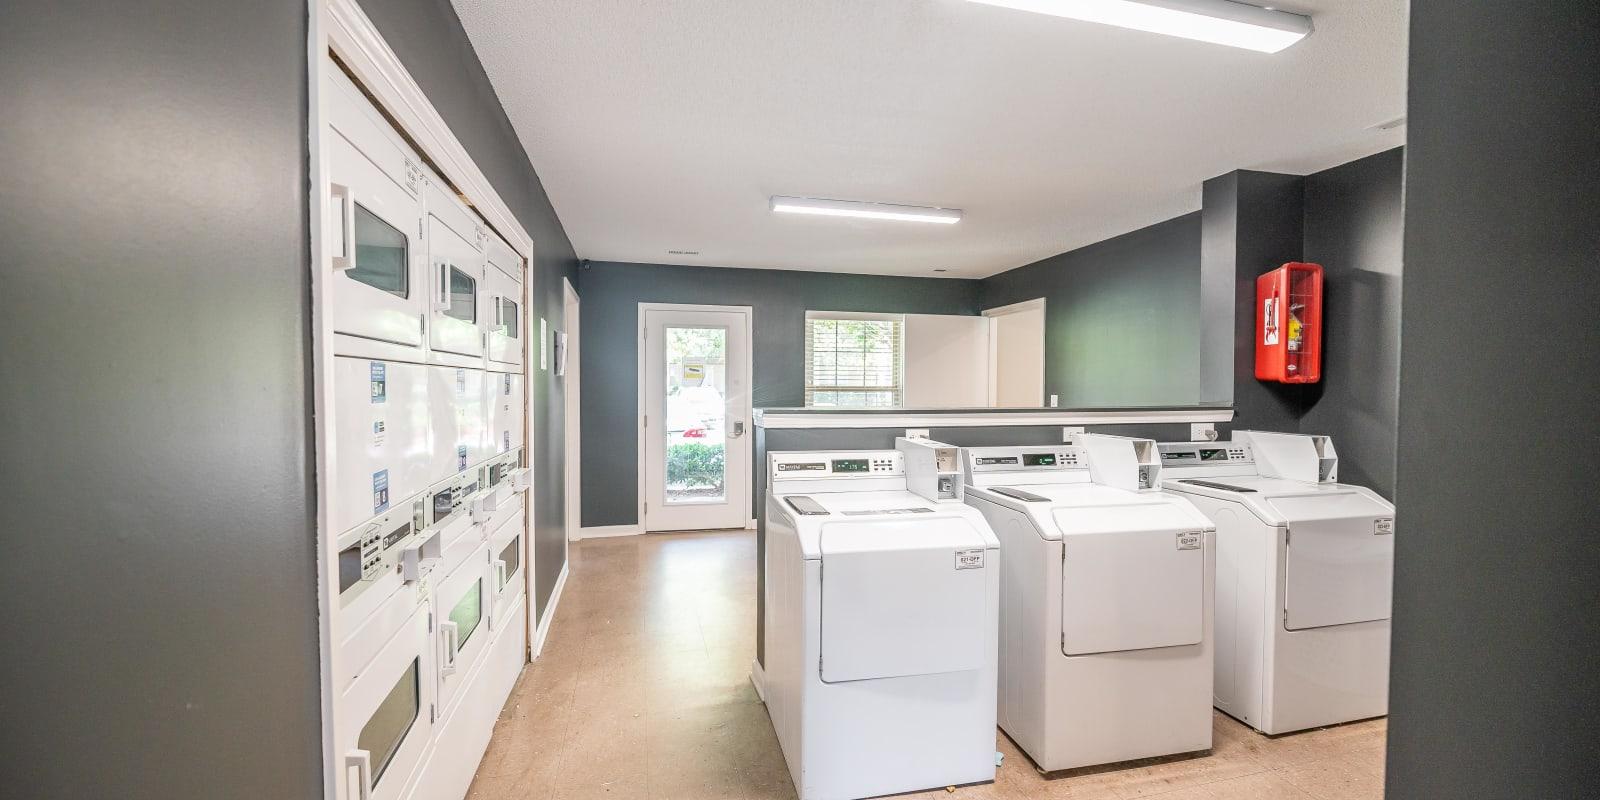 Community Laundry Room at Kannan Station Apartment Homes in Kannapolis, North Carolina